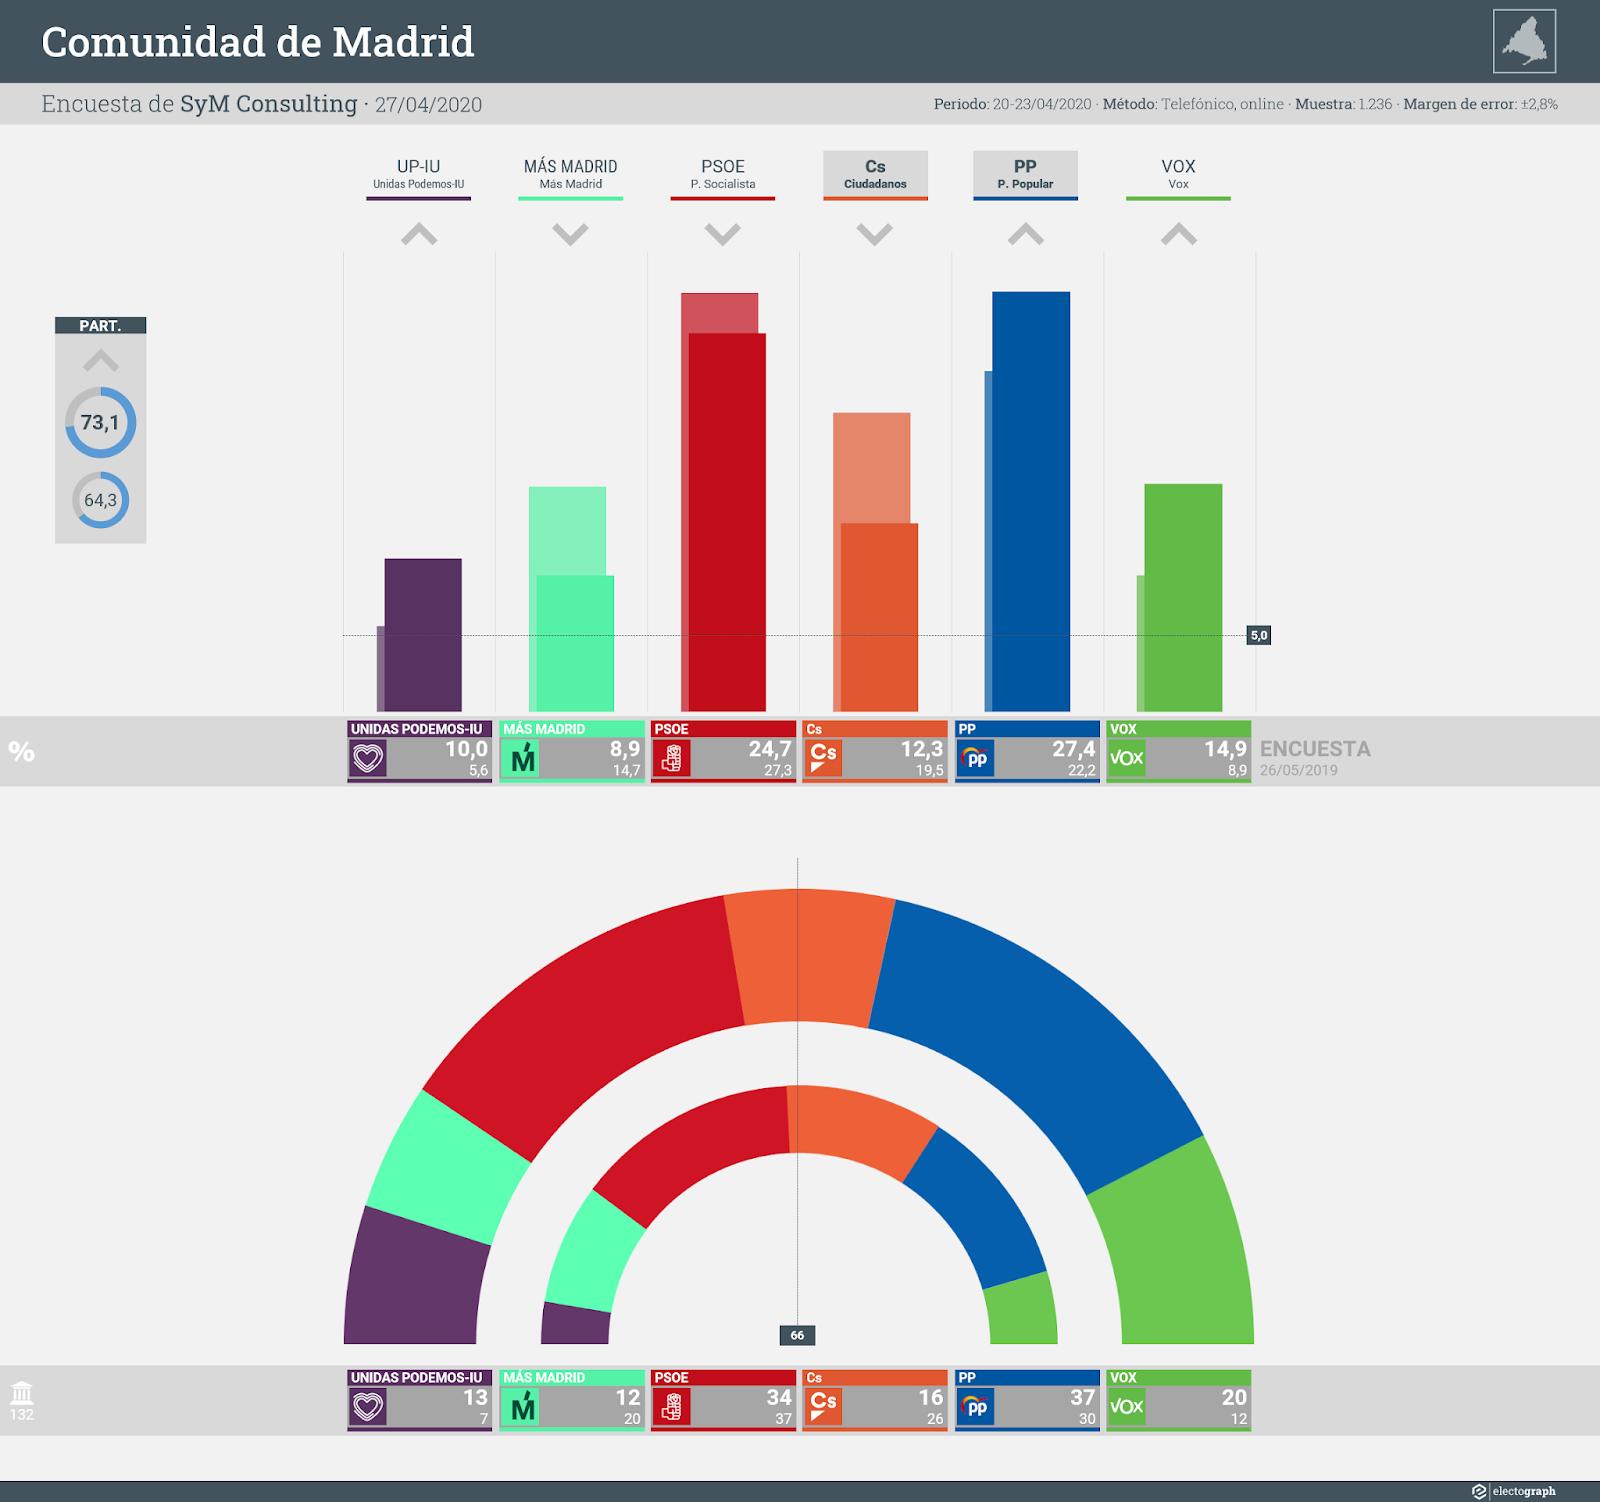 Gráfico de la encuesta para elecciones autonómicas en la Comunidad de Madrid realizada por SyM Consulting, 27 de abril de 2020